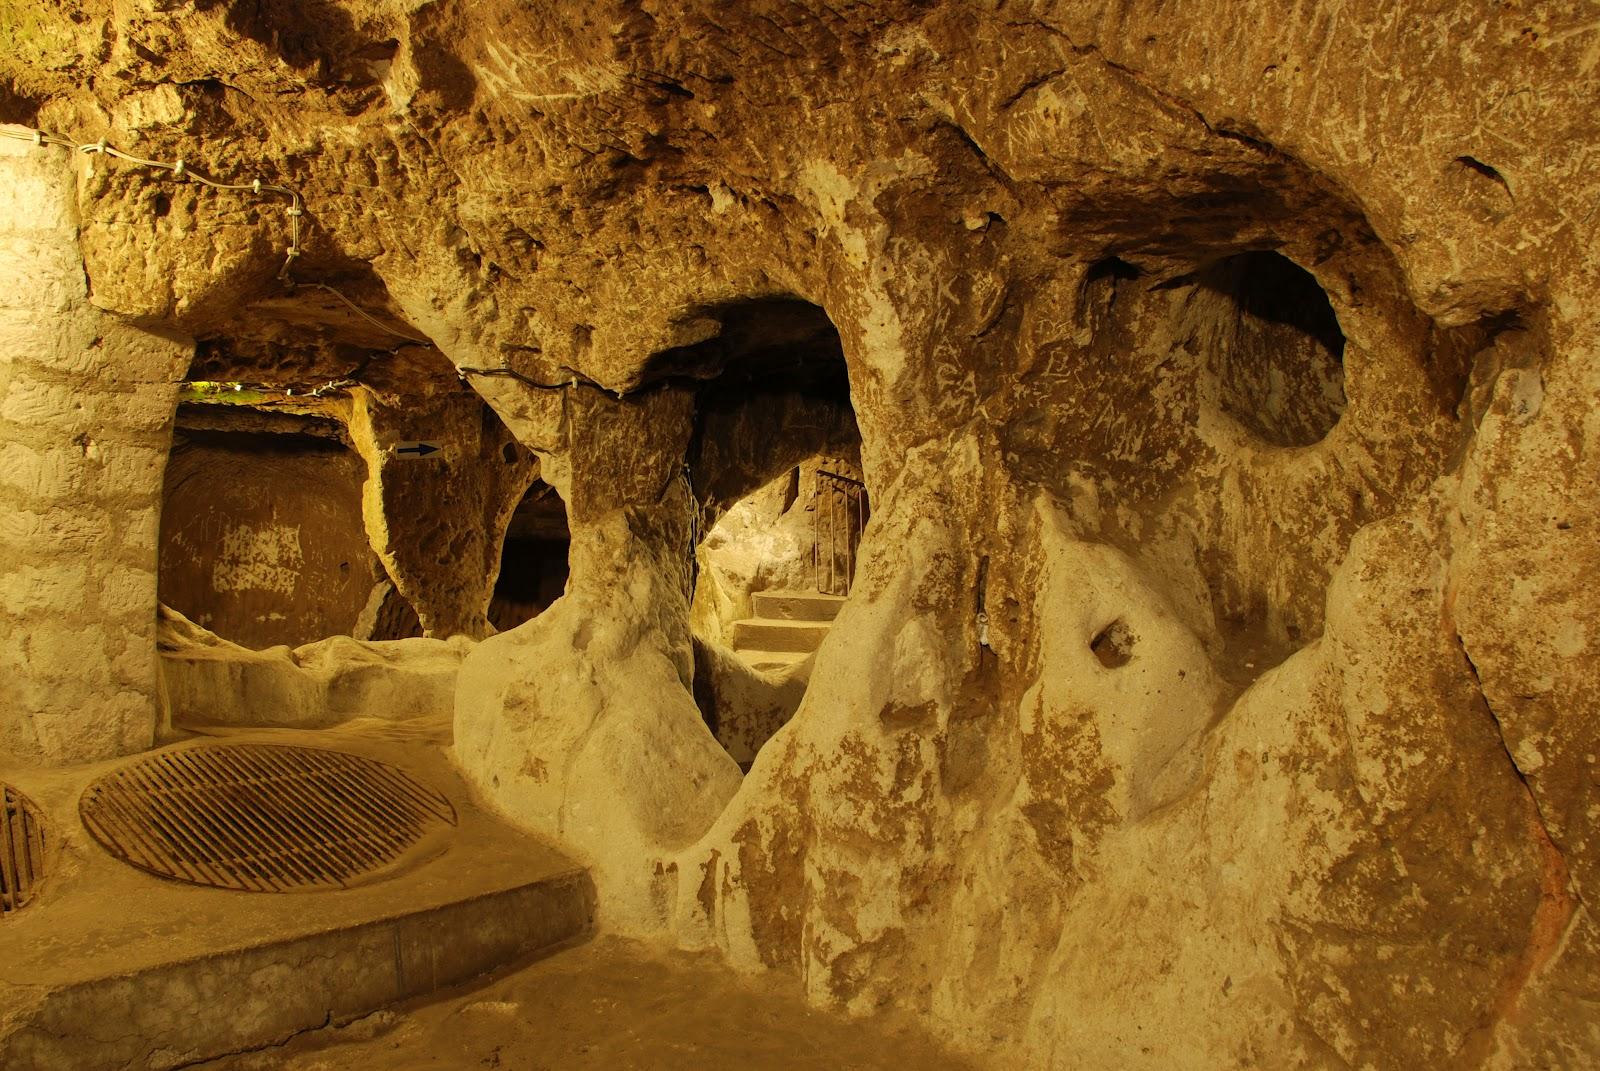 Derinkuyu+Underground+City2 Пет древних грађевина које уопште ни не би требало да постоје